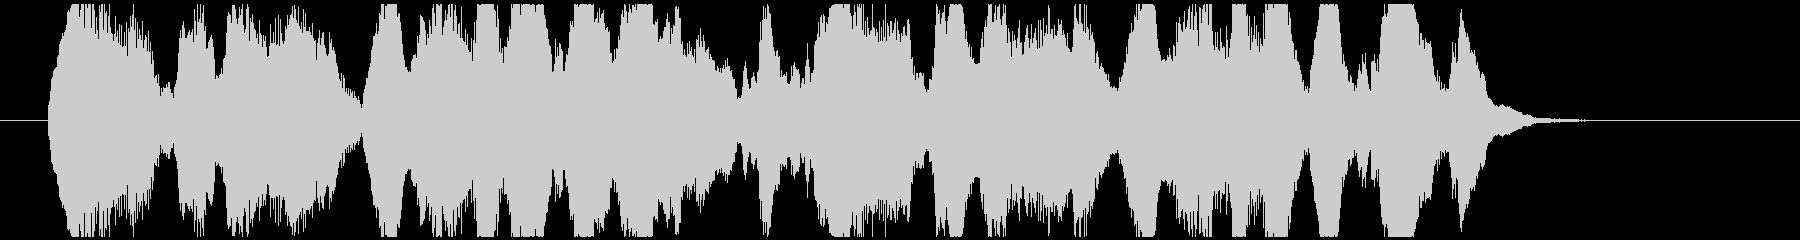 クラリネットとマリンバの楽しげなジングルの未再生の波形